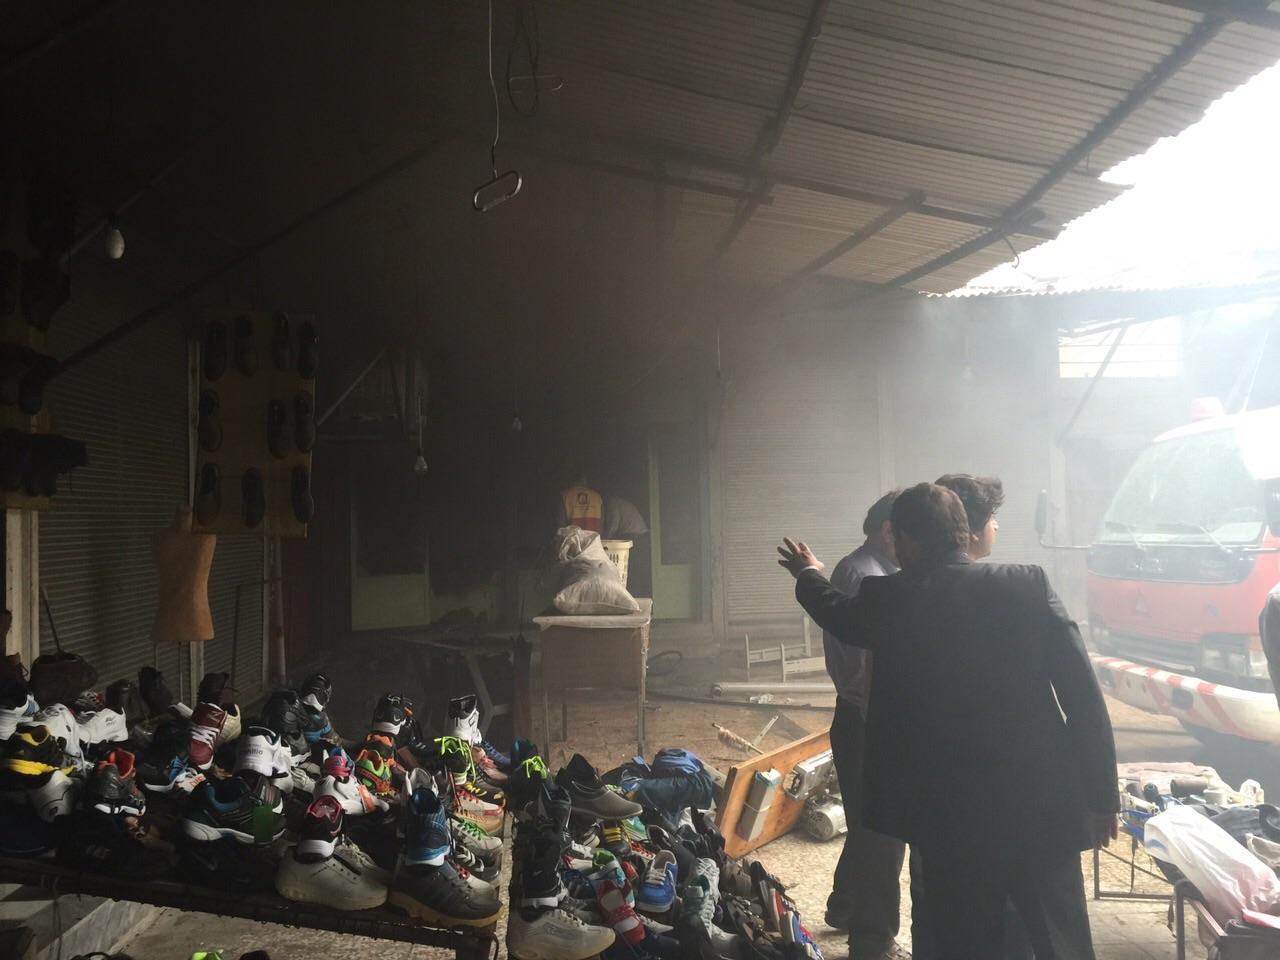 آتش سوزی در بازار امام ایذه+تصاویر